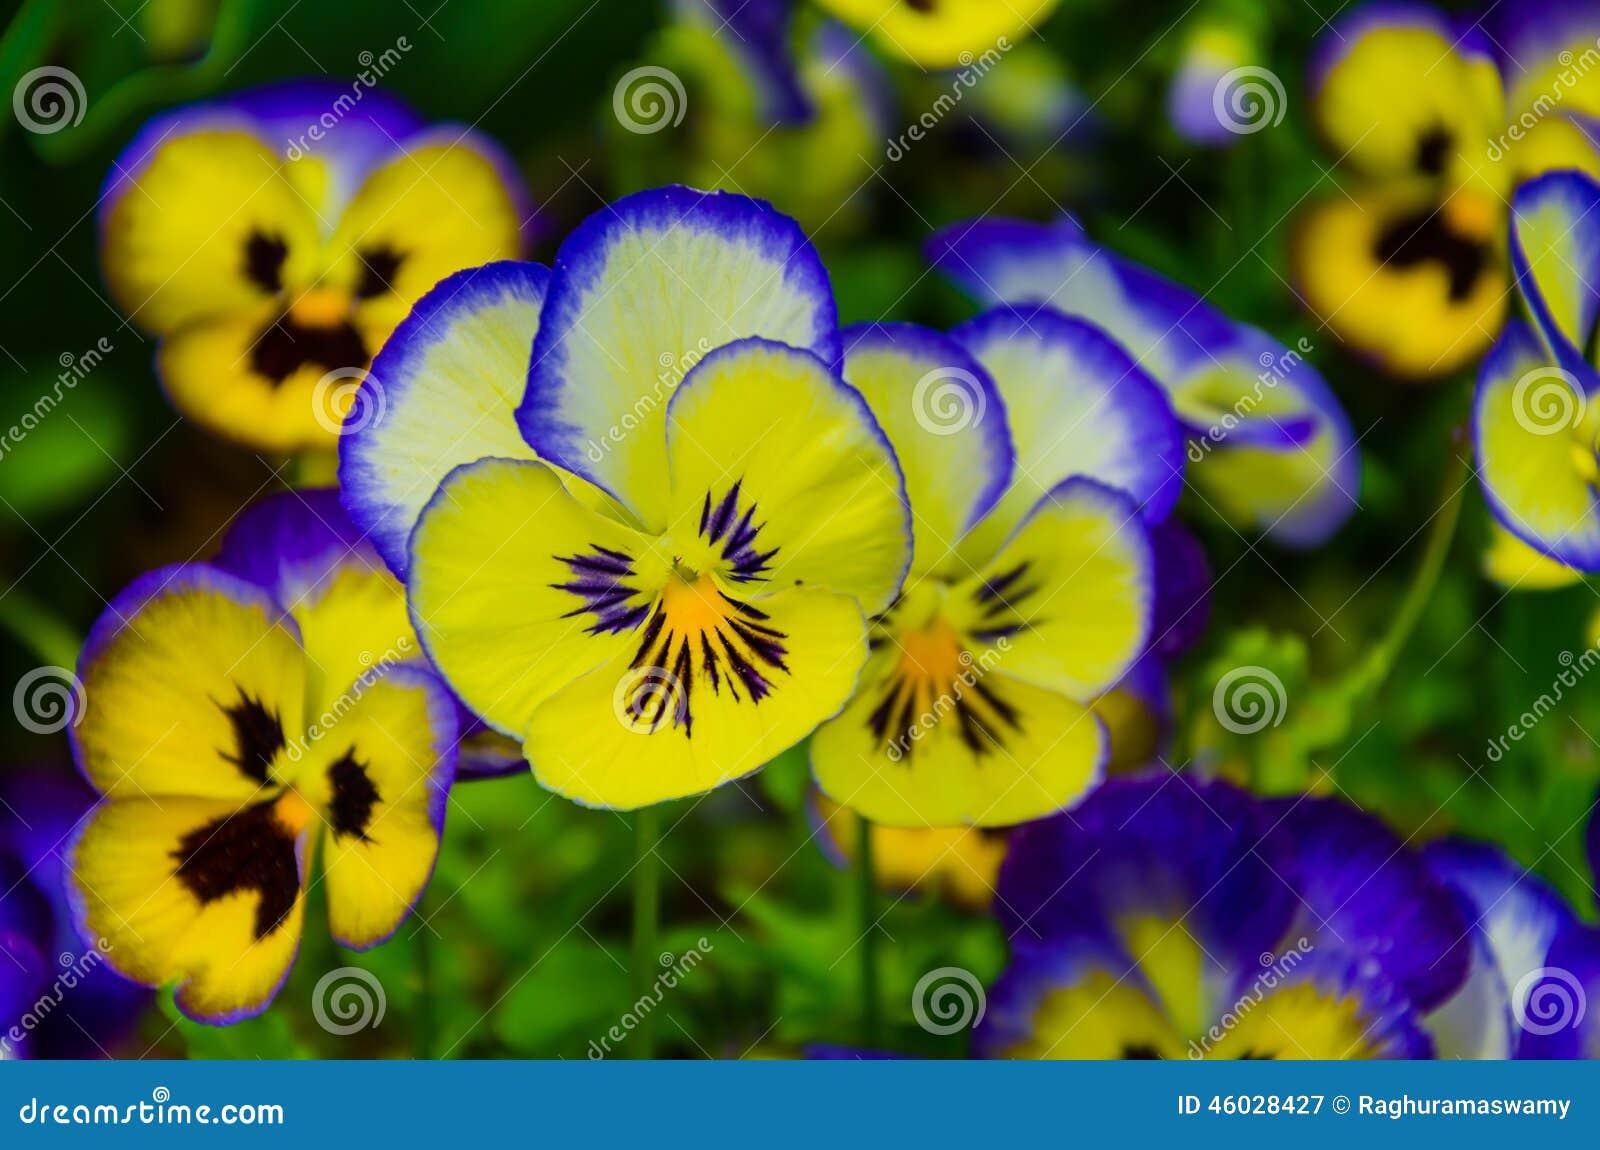 pens es color es fleur hybride de pens e image stock image du pourpr d veloppez 46028427. Black Bedroom Furniture Sets. Home Design Ideas